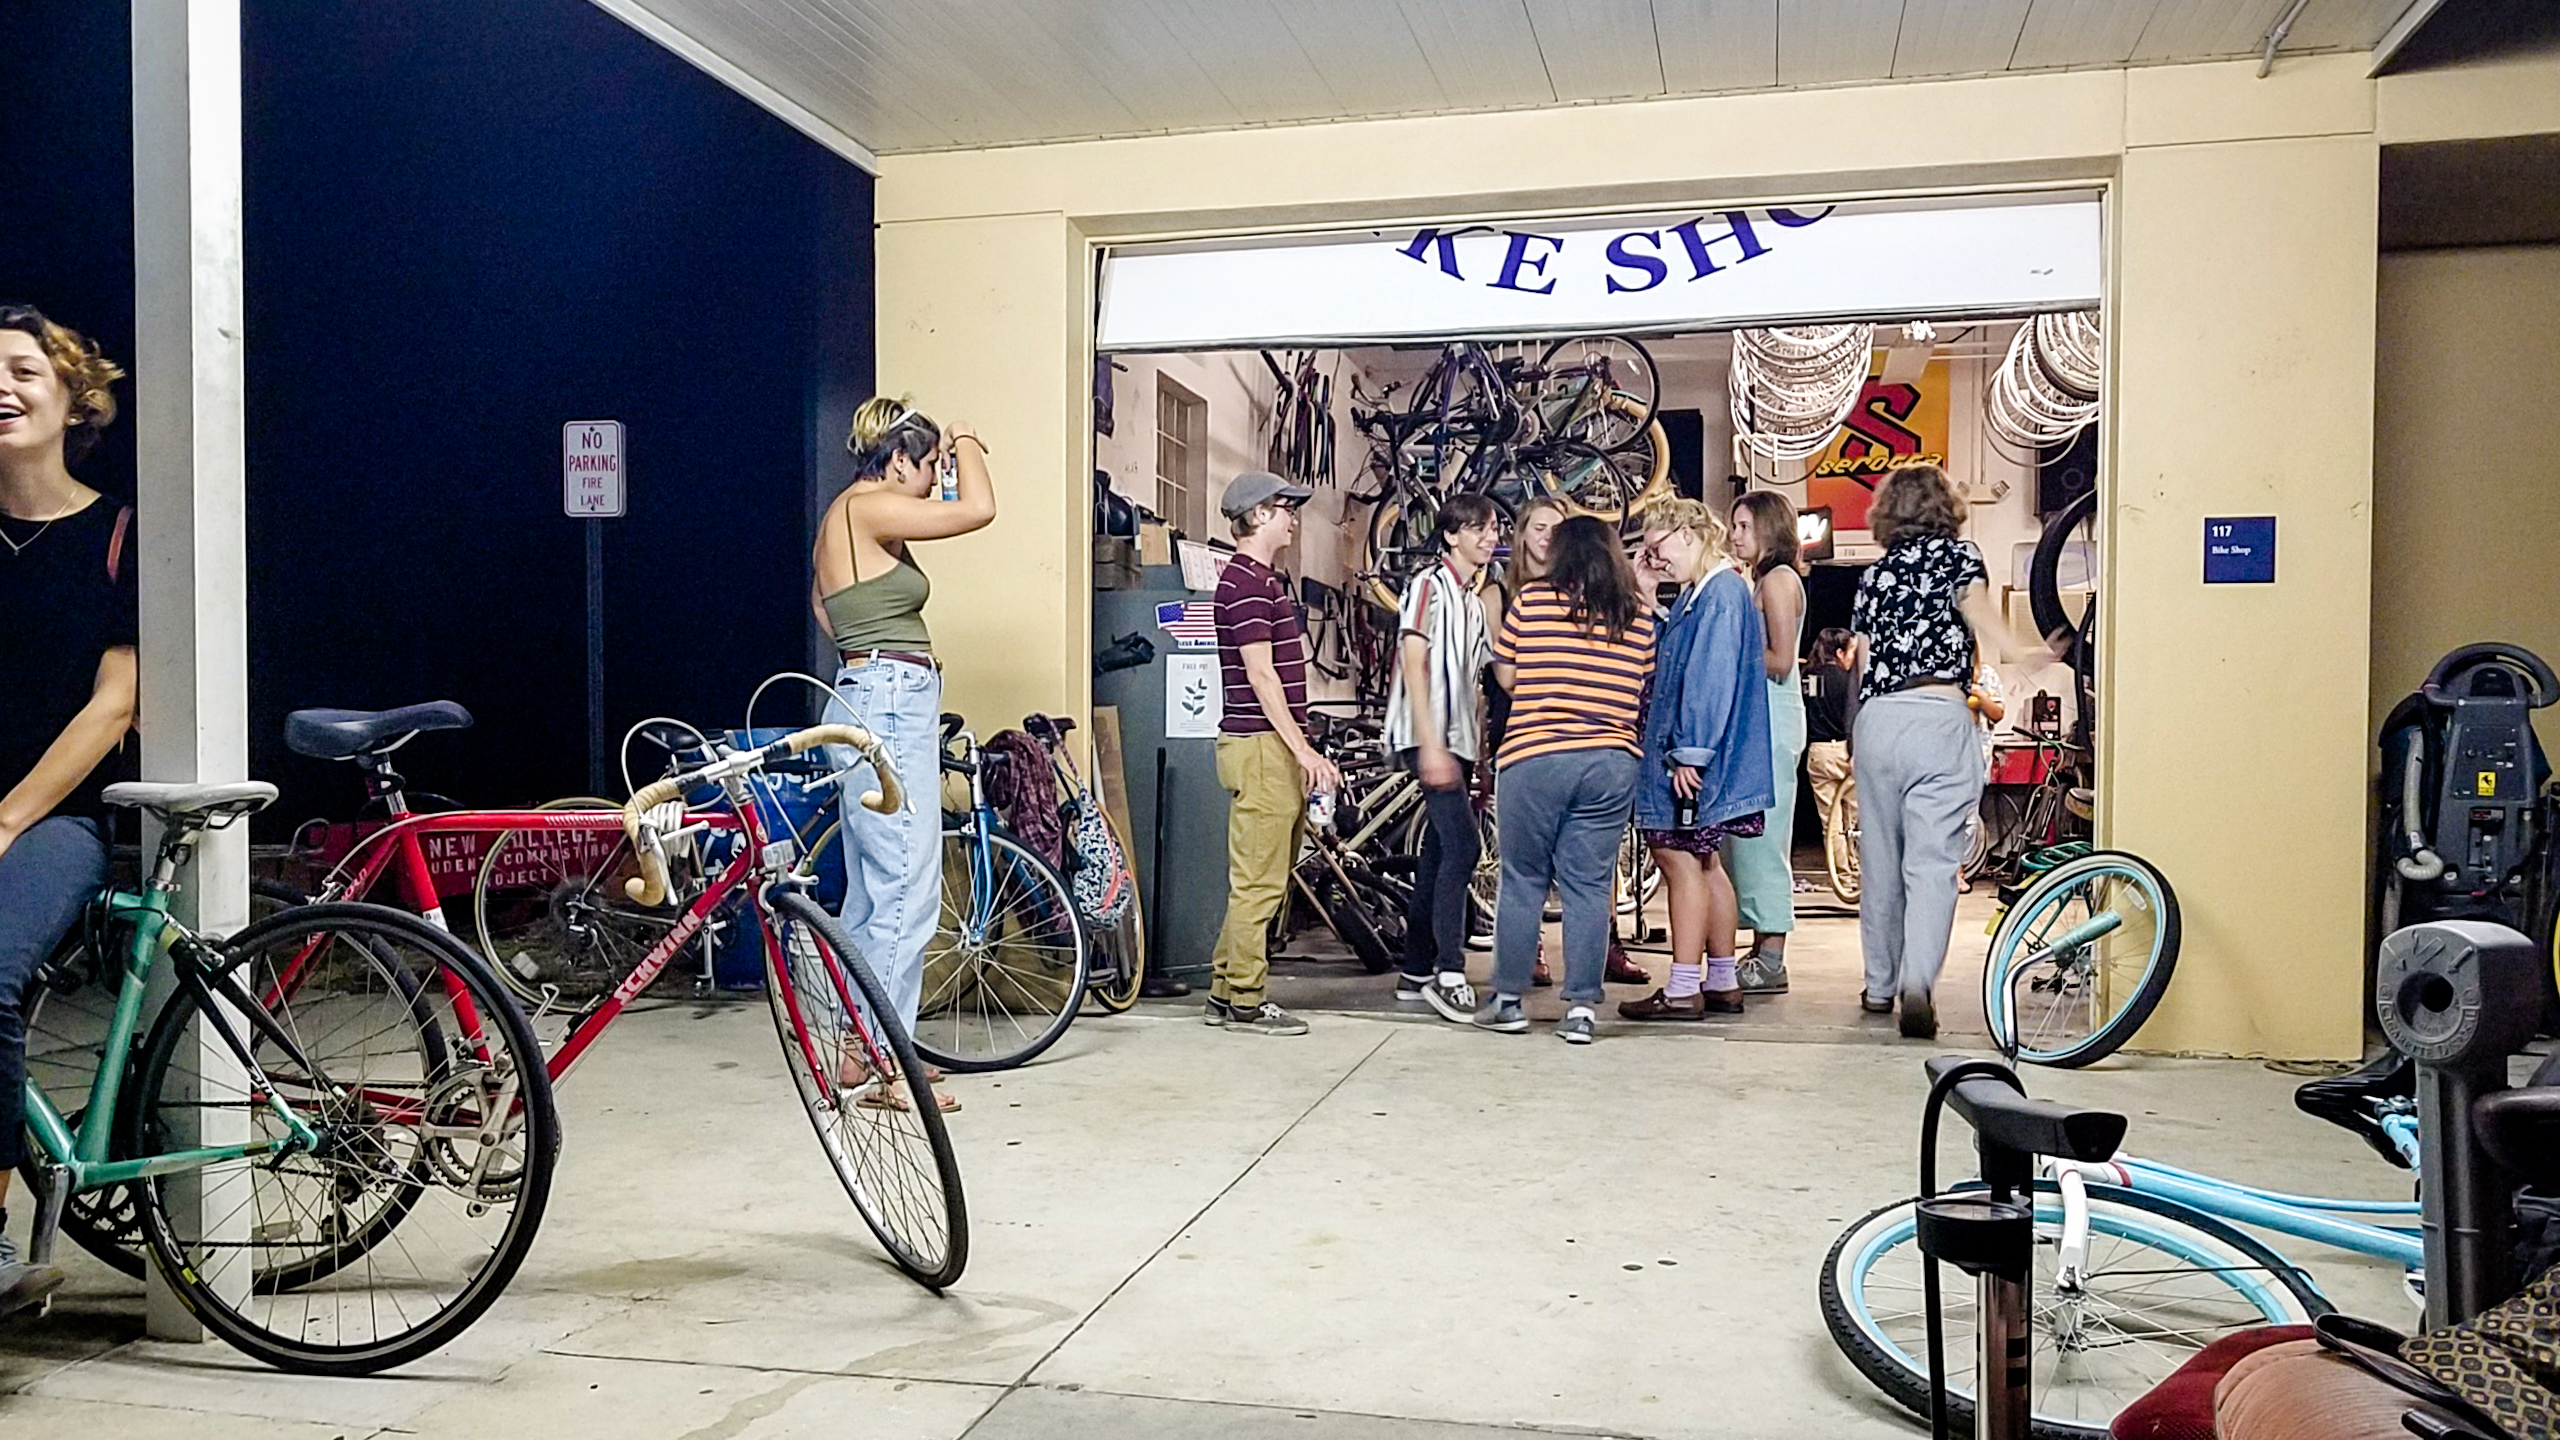 Bike shoppe or boys club? Campus cyclists address inclusivity